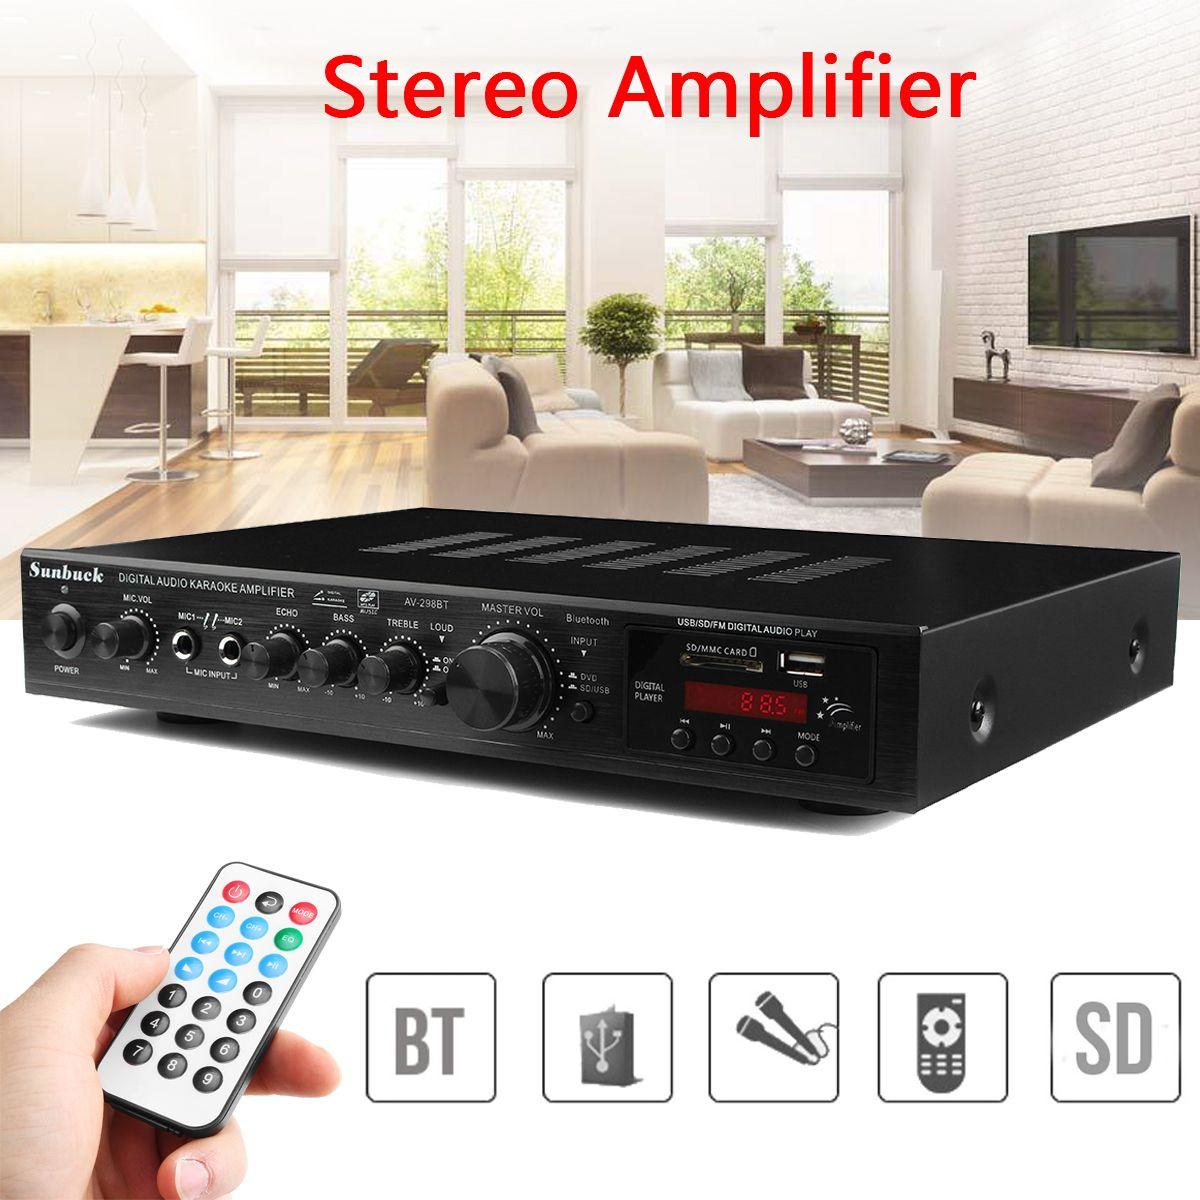 220V 300W+300W+120W Digital Audio Amplifier 5CH Bluetooth Stereo AV Surround Amplifier Karaoke Cinema PA High Power